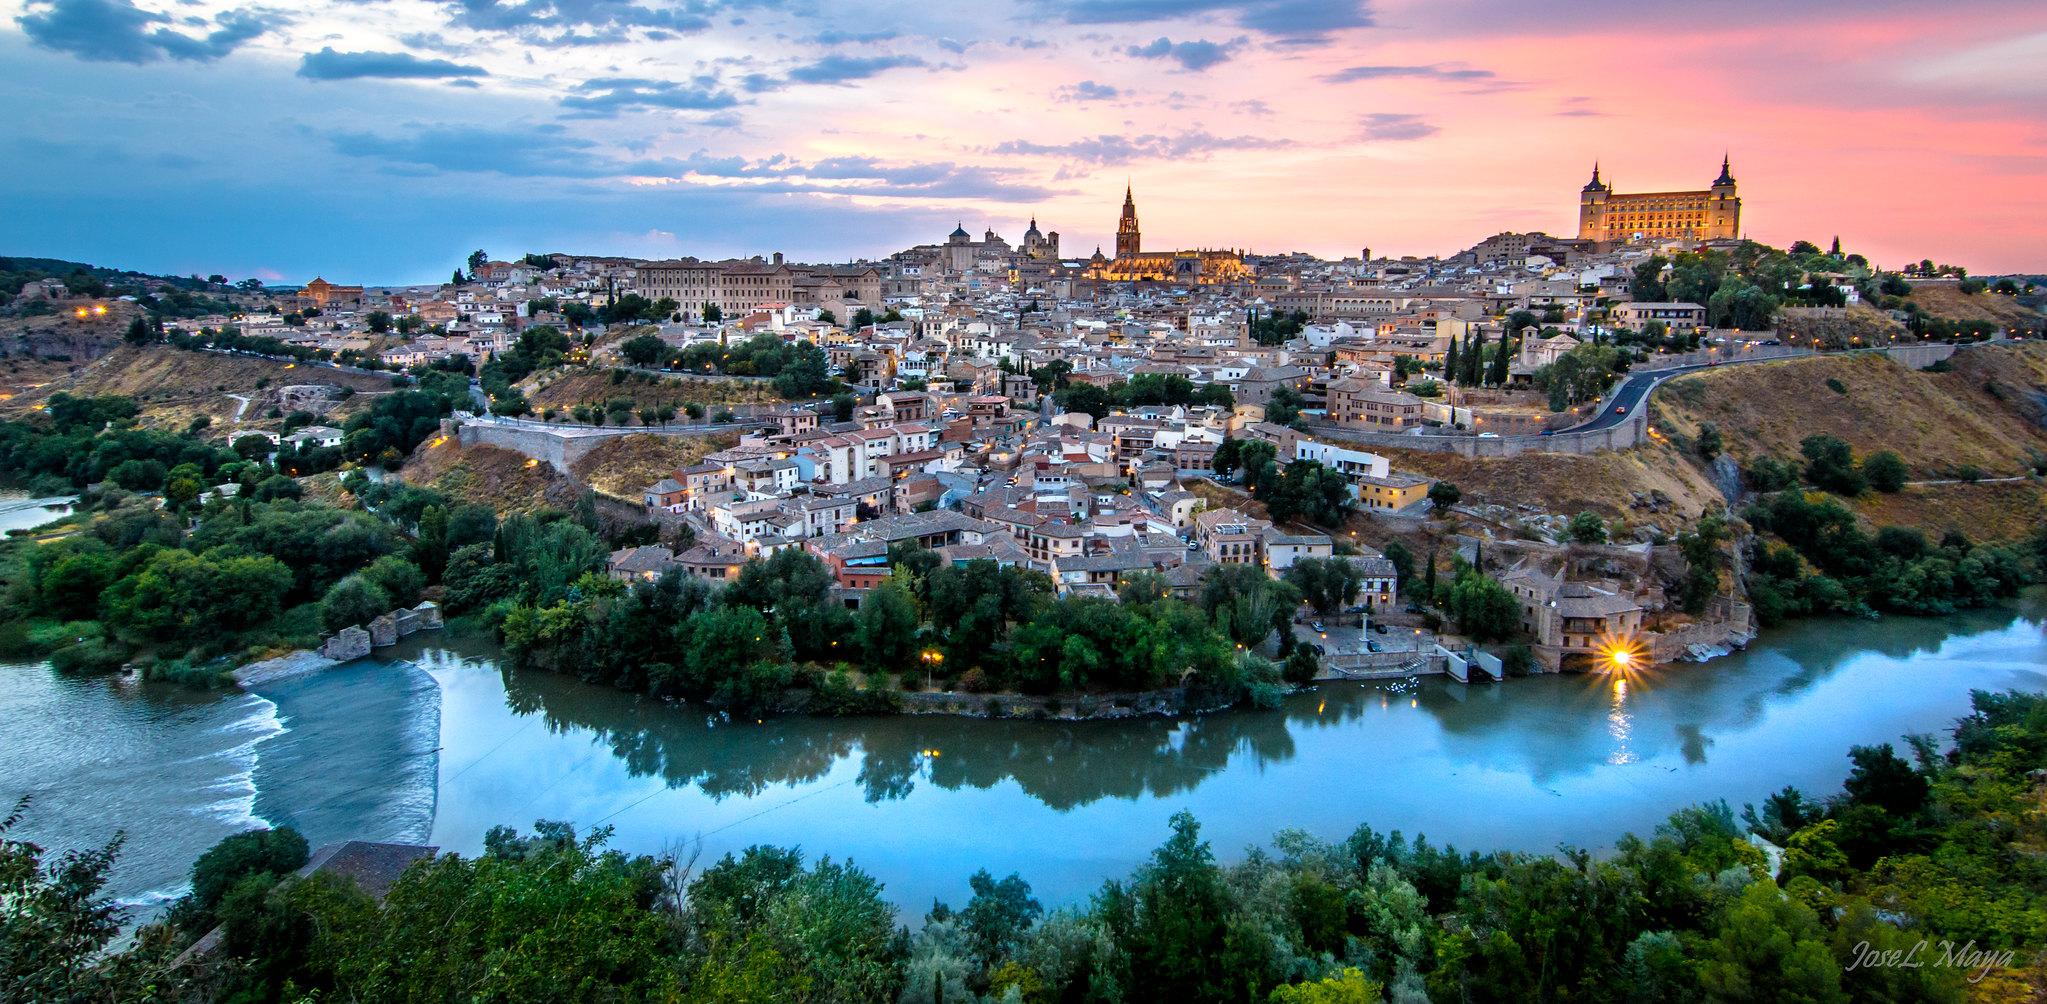 Concierto de campanas en Toledo en la solemnidad del Corpus Christi